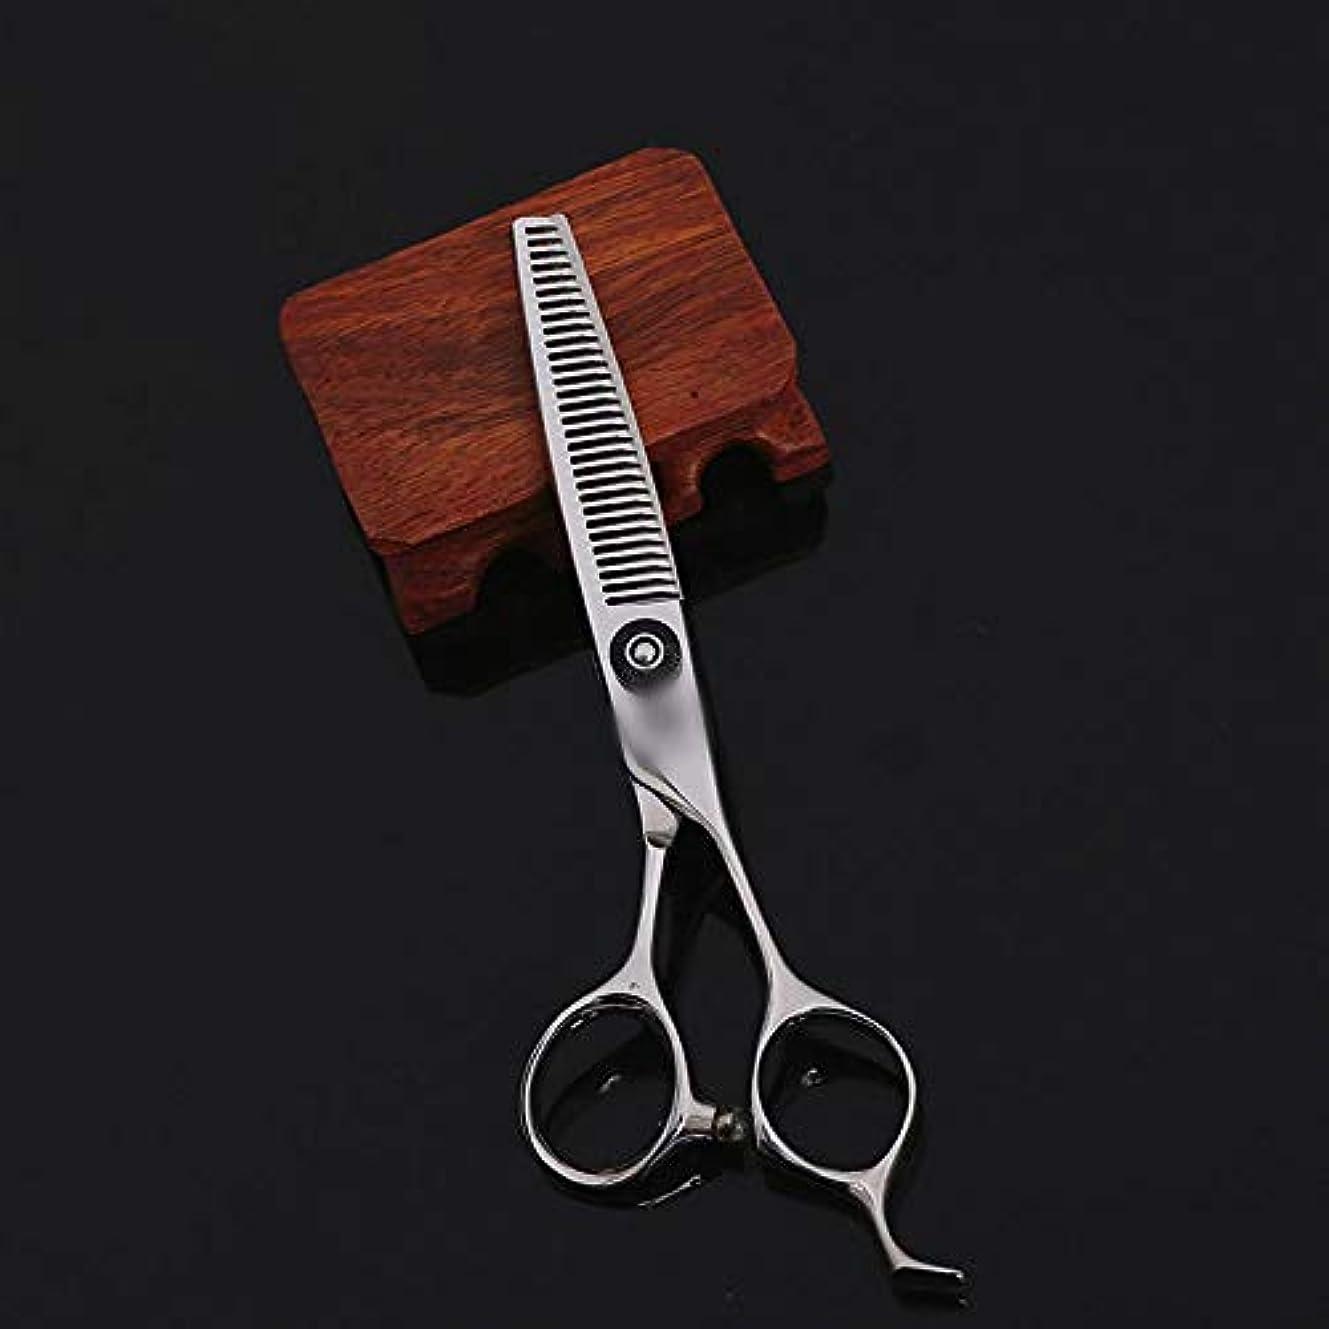 ヒューバートハドソンブースト成り立つWASAIO プロフェッショナル口ひげトリミングアクセサリー薄毛のはさみはさみレベルカット理容室ステンレス鋼理髪6インチカービング (色 : Silver)